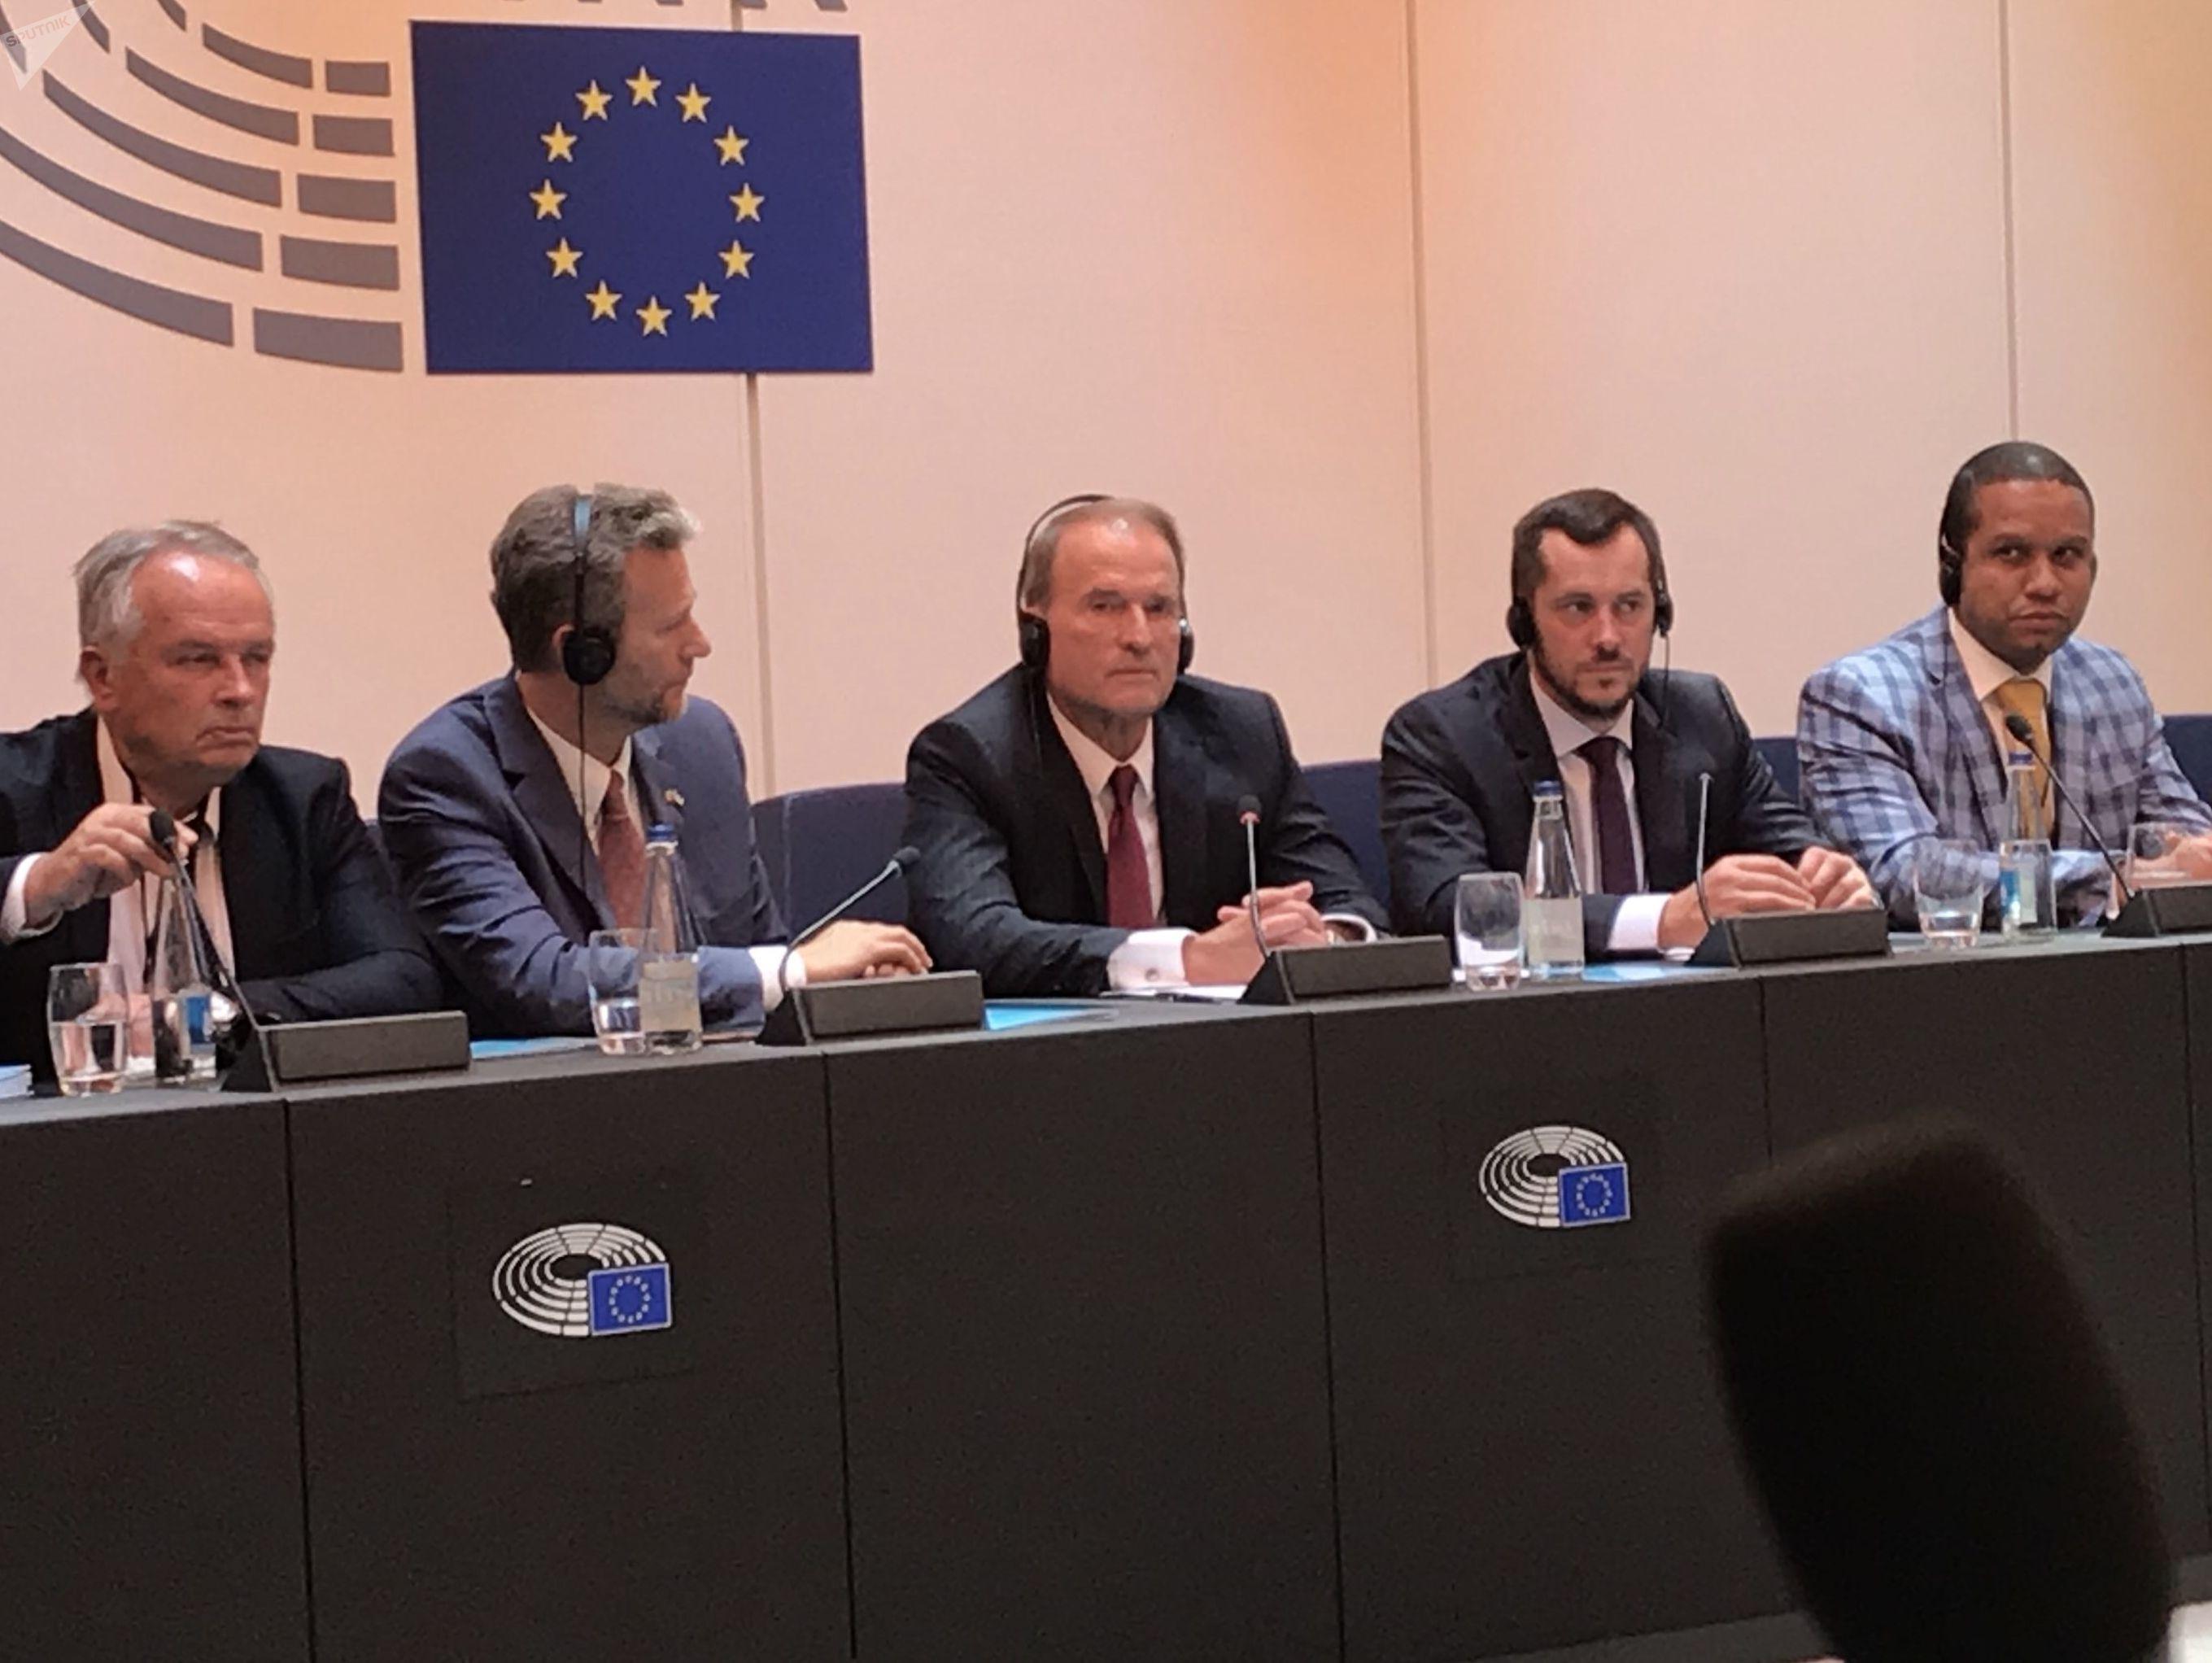 Viktor Medvedchouk, le chef de file du parti d'opposition Le Choix de l'Ukraine (centre). A droite, le député Nicolas Bay (RN), instigateur de la conférence.